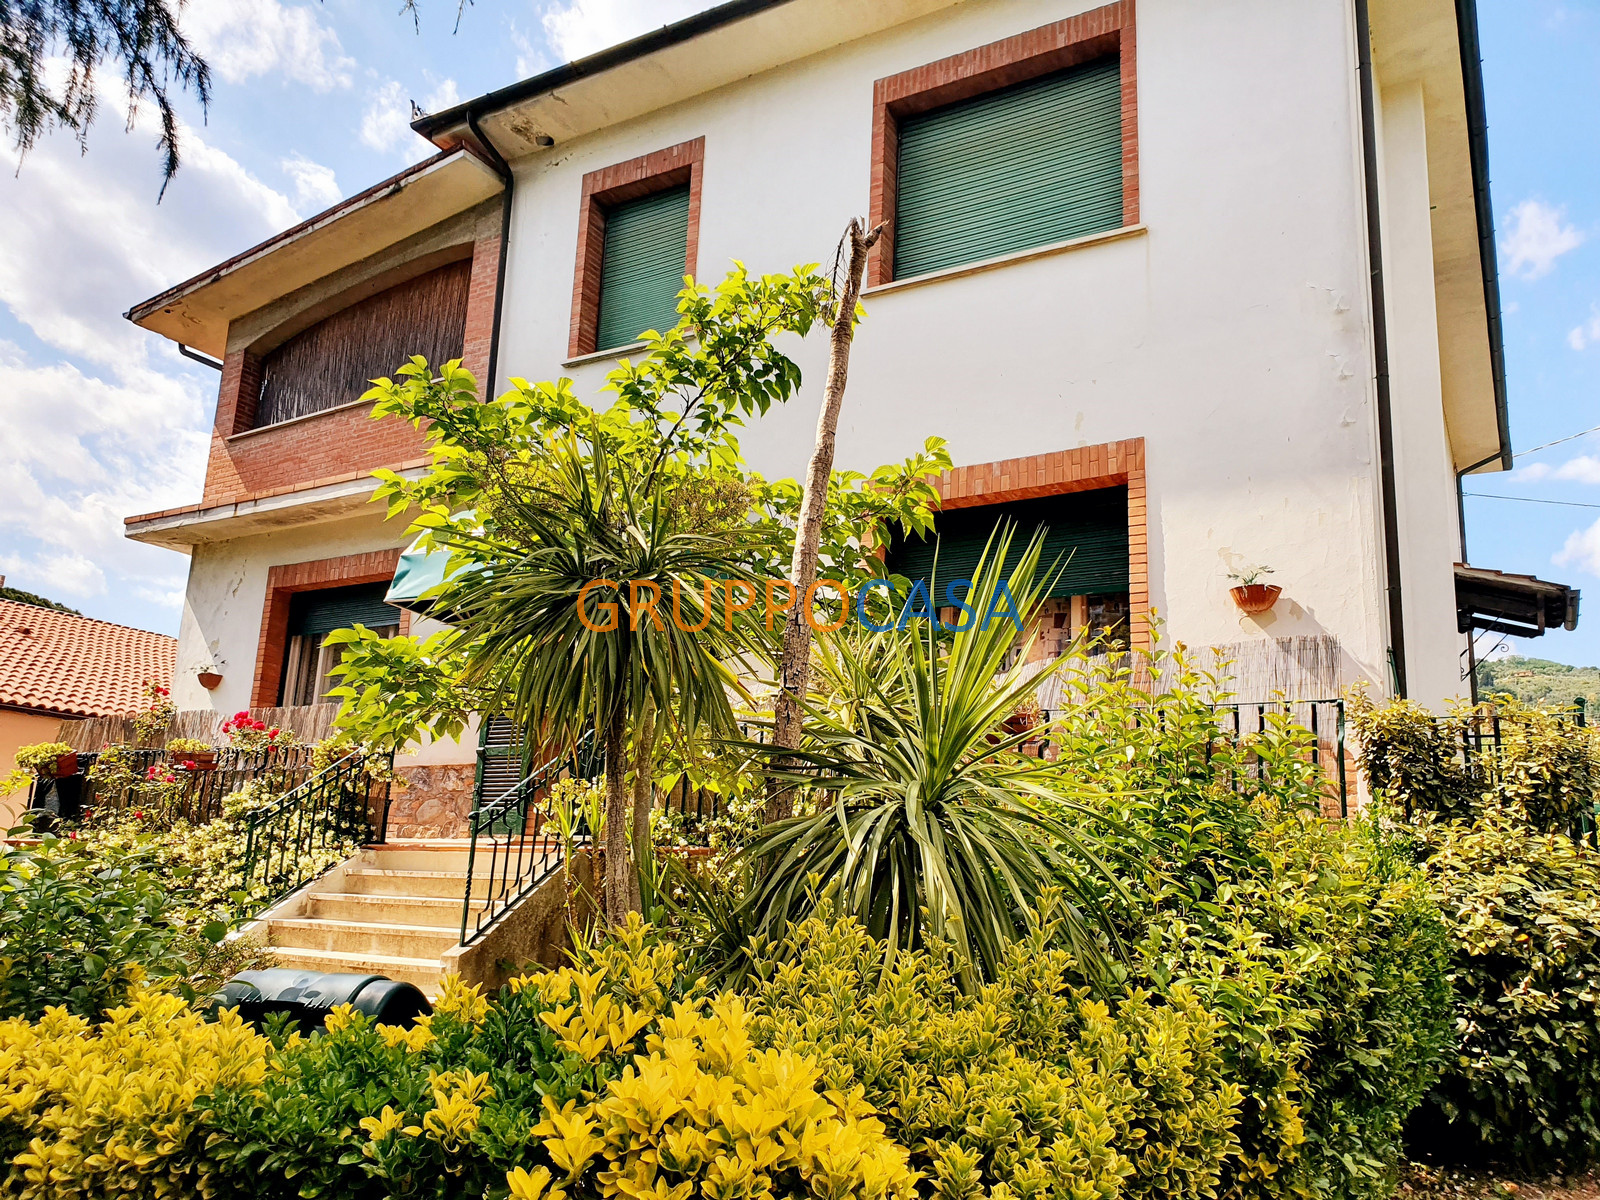 Villa in vendita a Buggiano, 5 locali, zona Località: BorgoaBuggiano, prezzo € 280.000 | CambioCasa.it